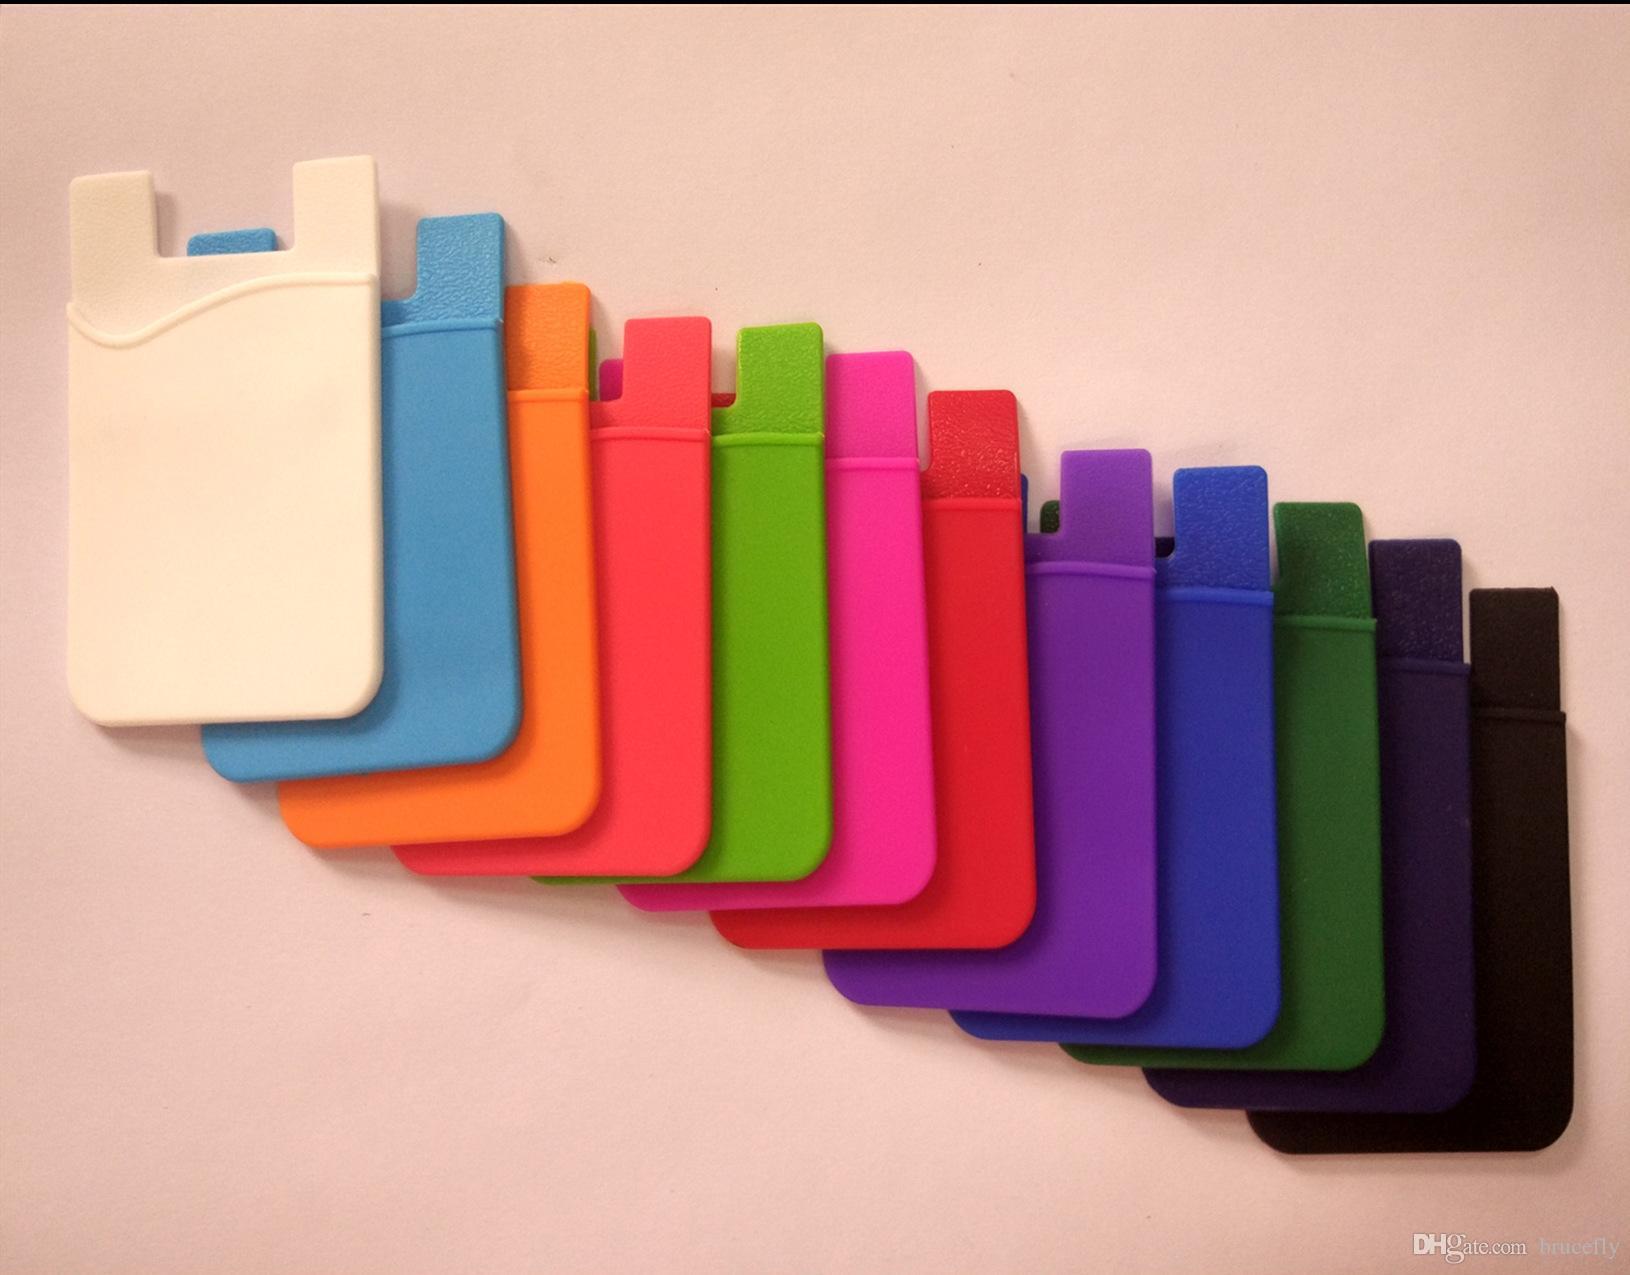 الأزياء لاصق ملصق الغلاف الخلفي حامل البطاقة حالة الحقيبة ل الهاتف الخليوي 2017 حار بيع حامل البطاقة الملونة